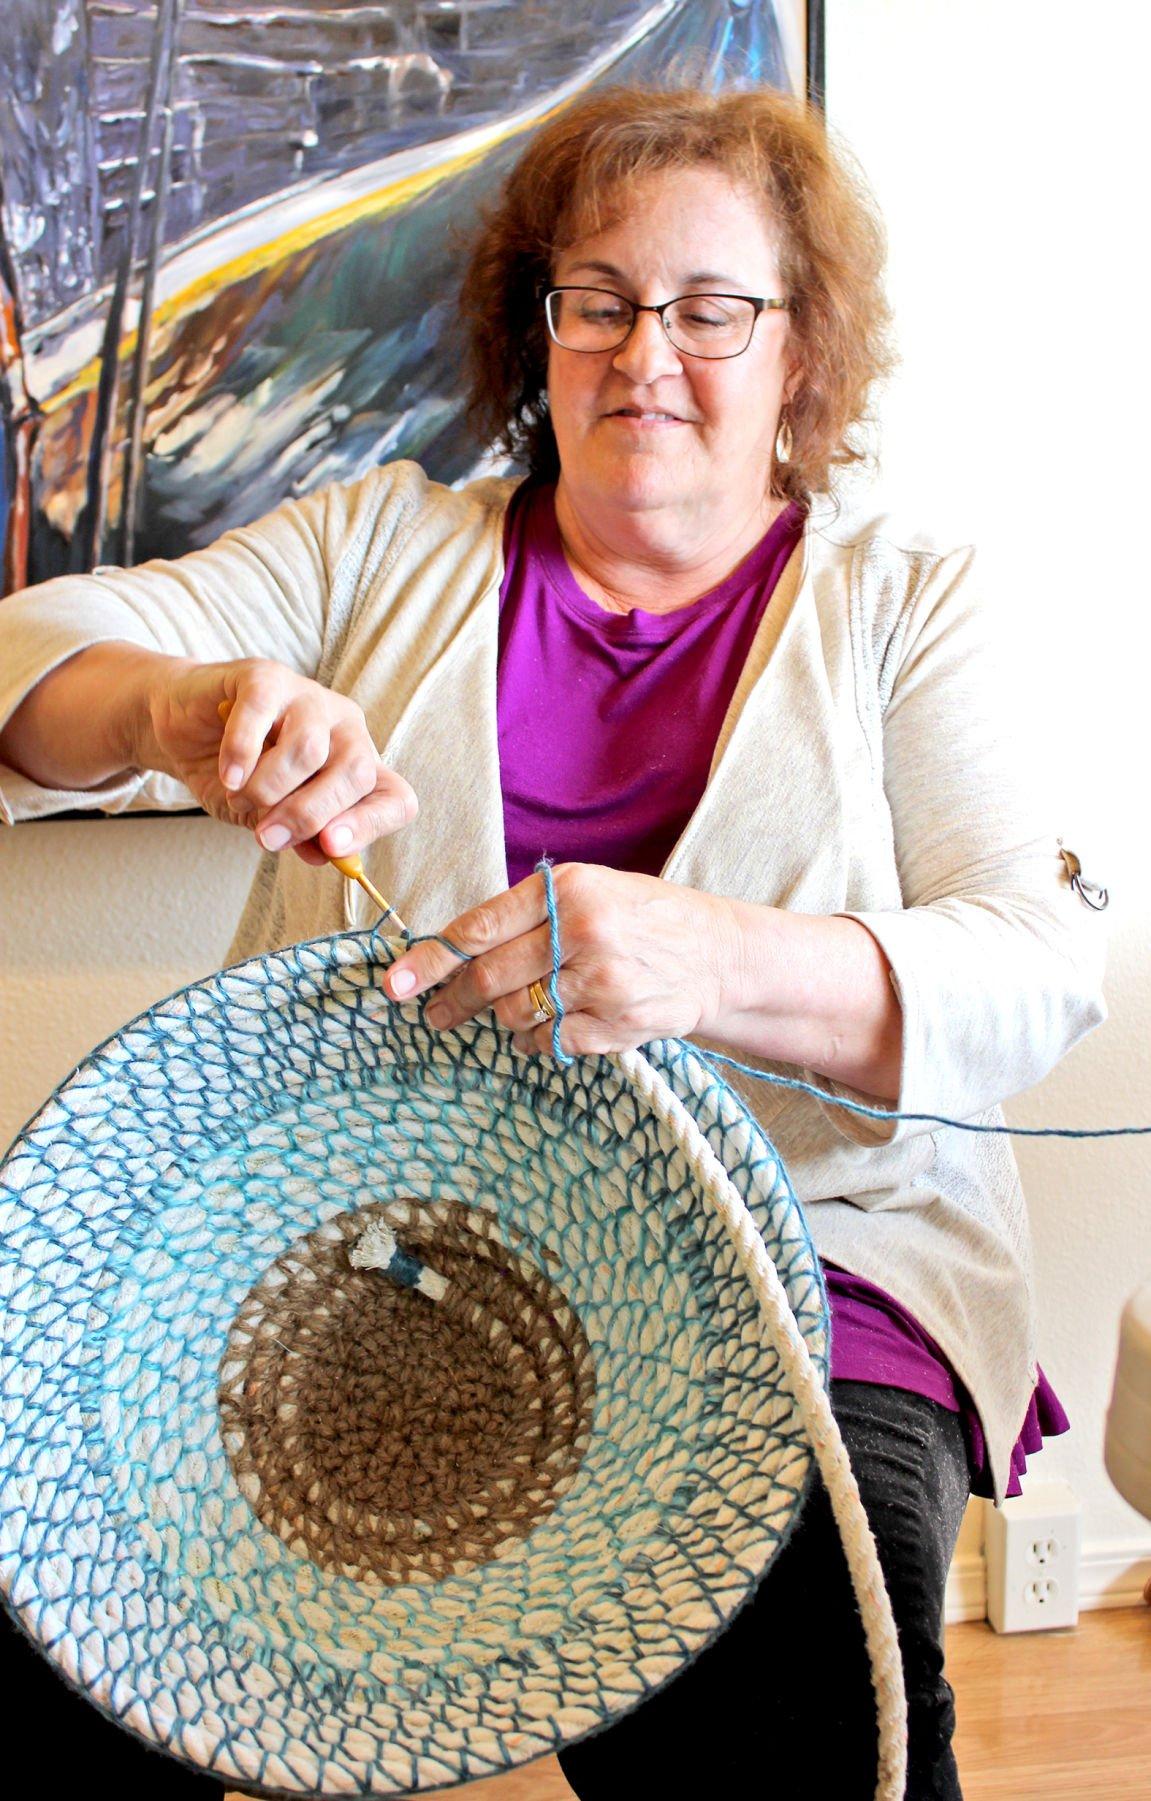 Susan Spence